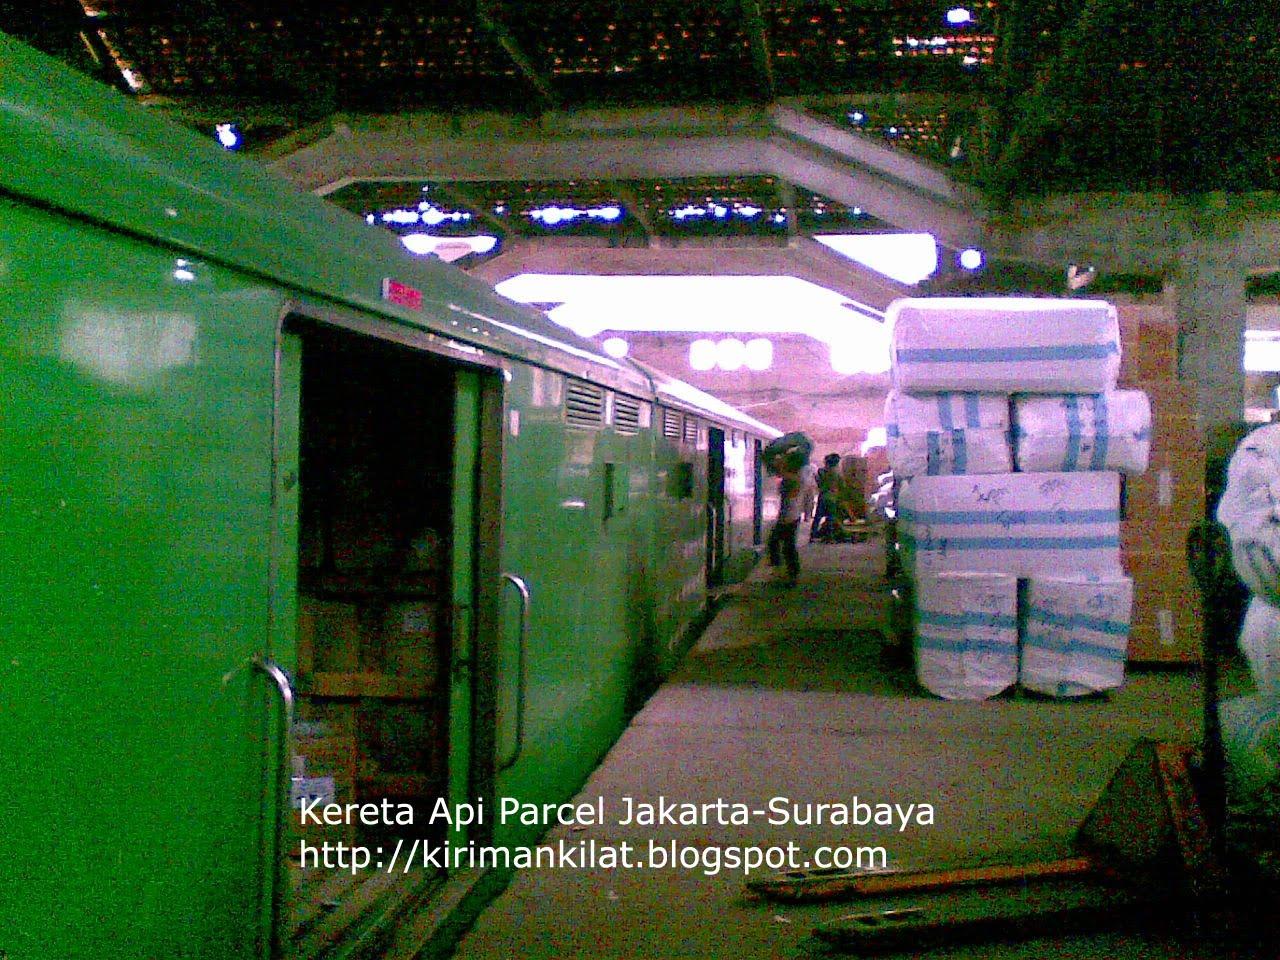 Kereta Parcel